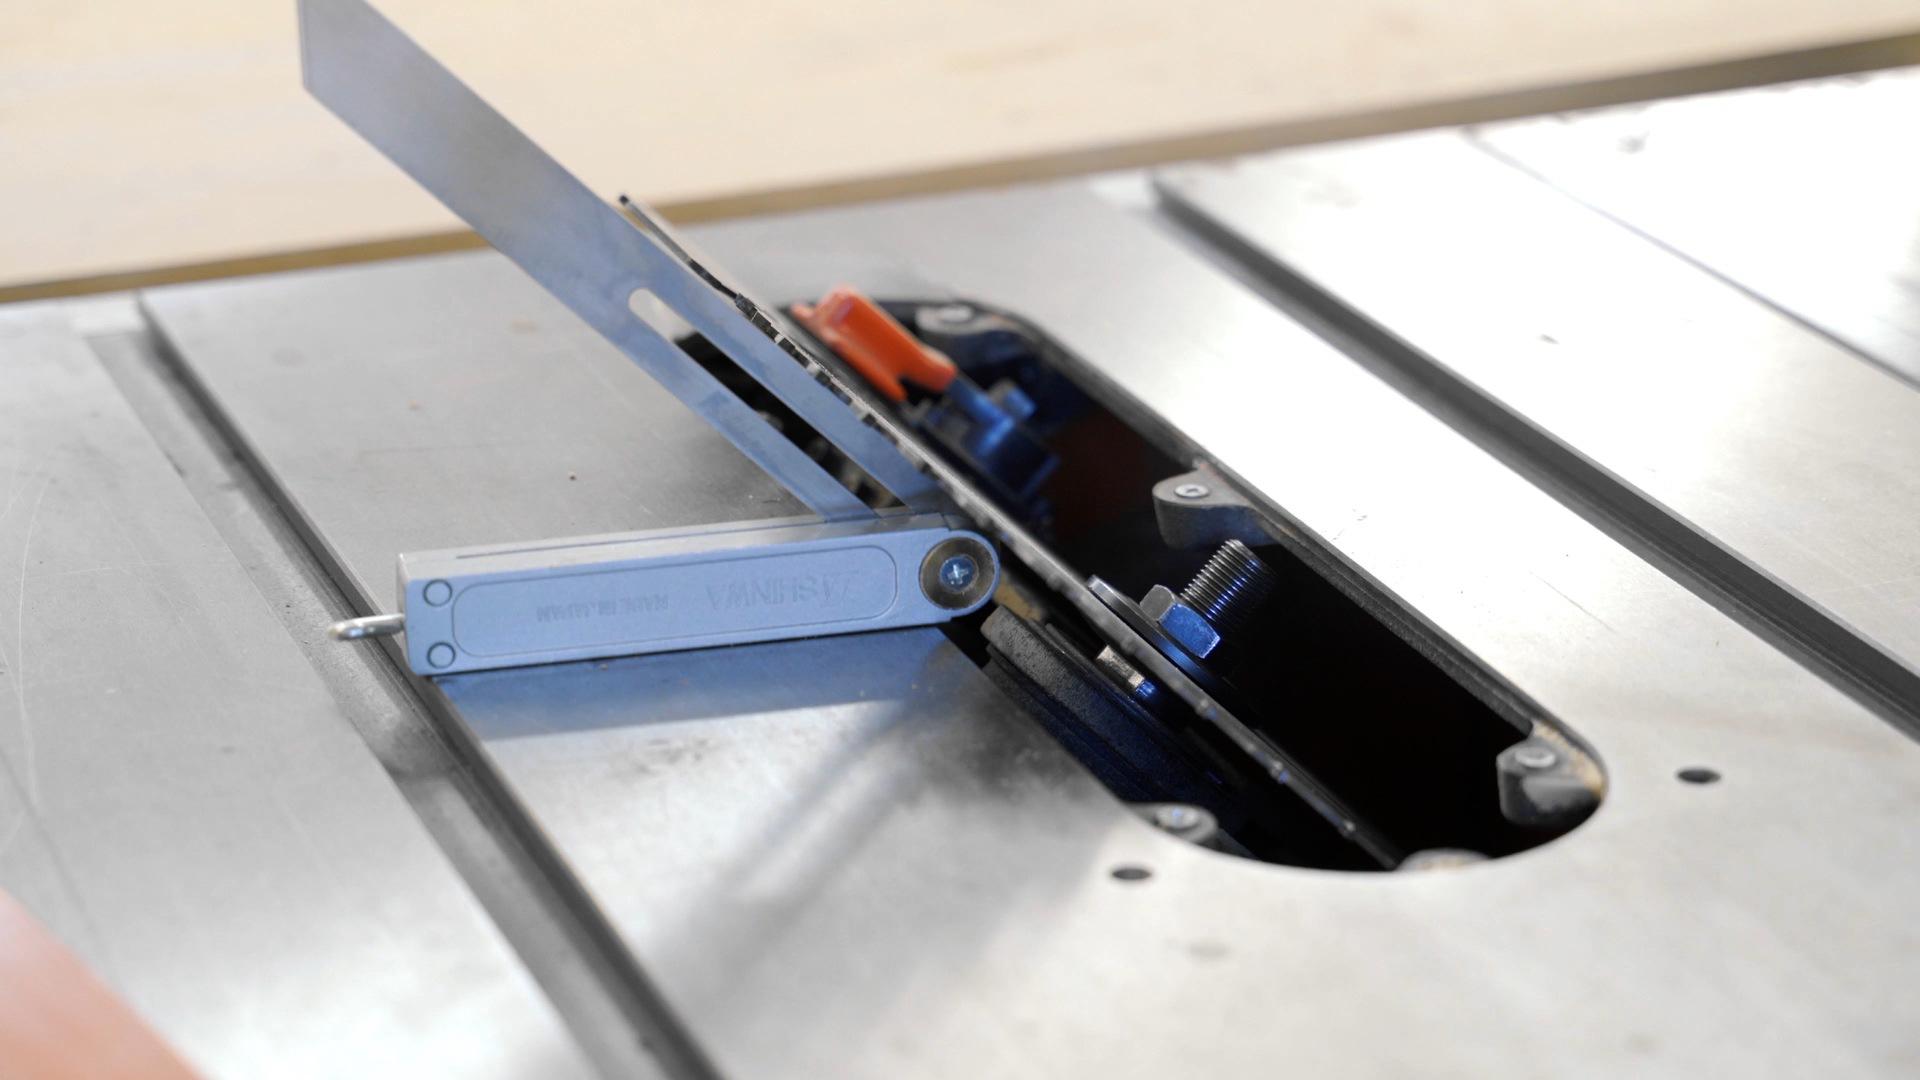 Check angle of table saw with an angle gauge